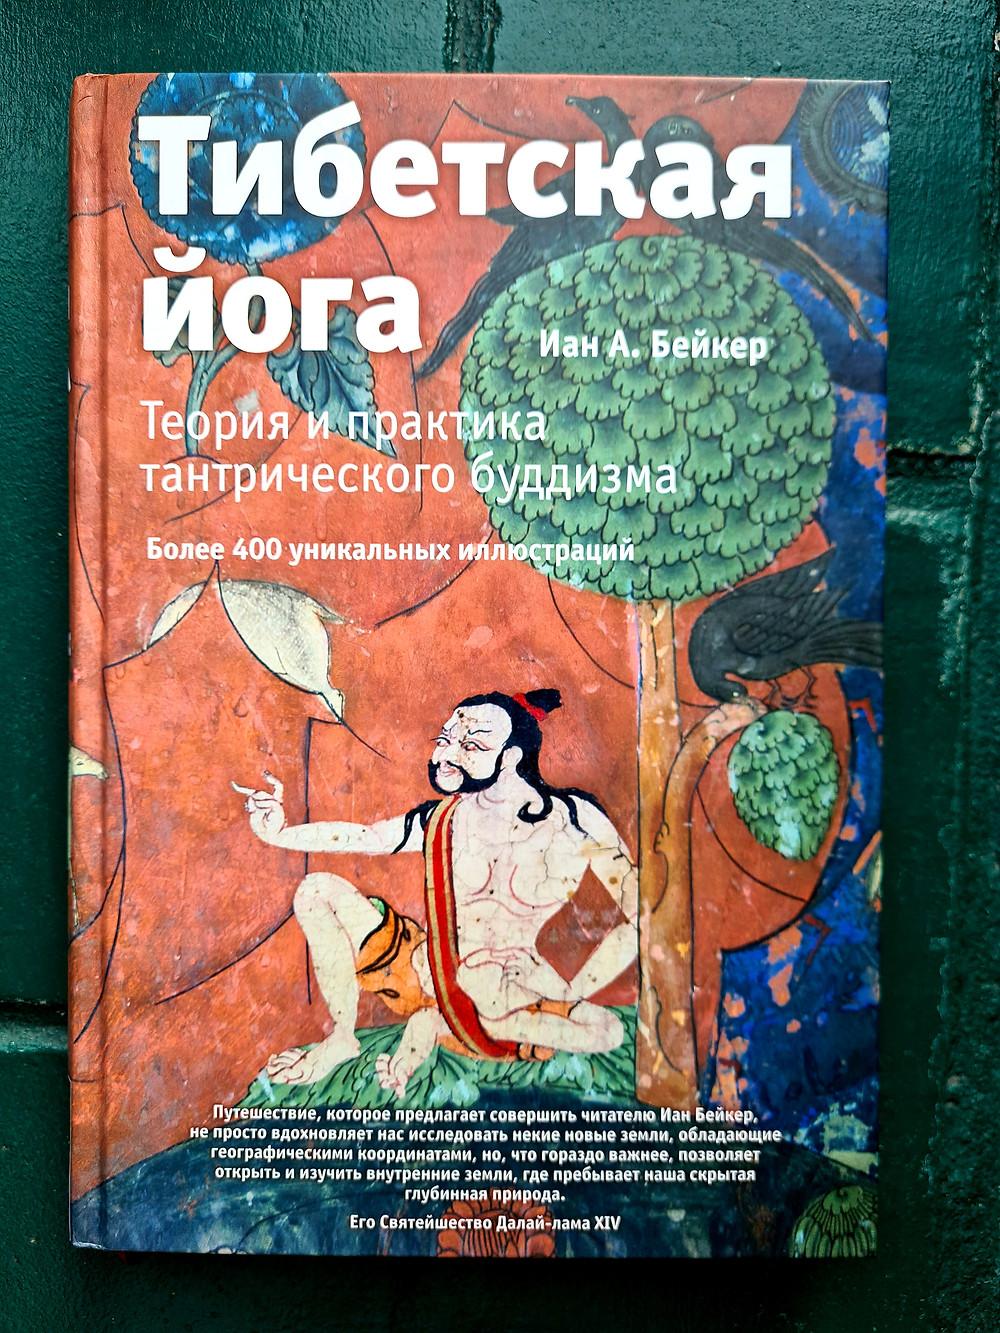 Бейкер И. А. Тибетская йога. Теория и практика тантрического буддизма / Иан А. Бейкер; [пер. с англ. А. Мускина]. — М.: Ганга, 2020. 320 с.